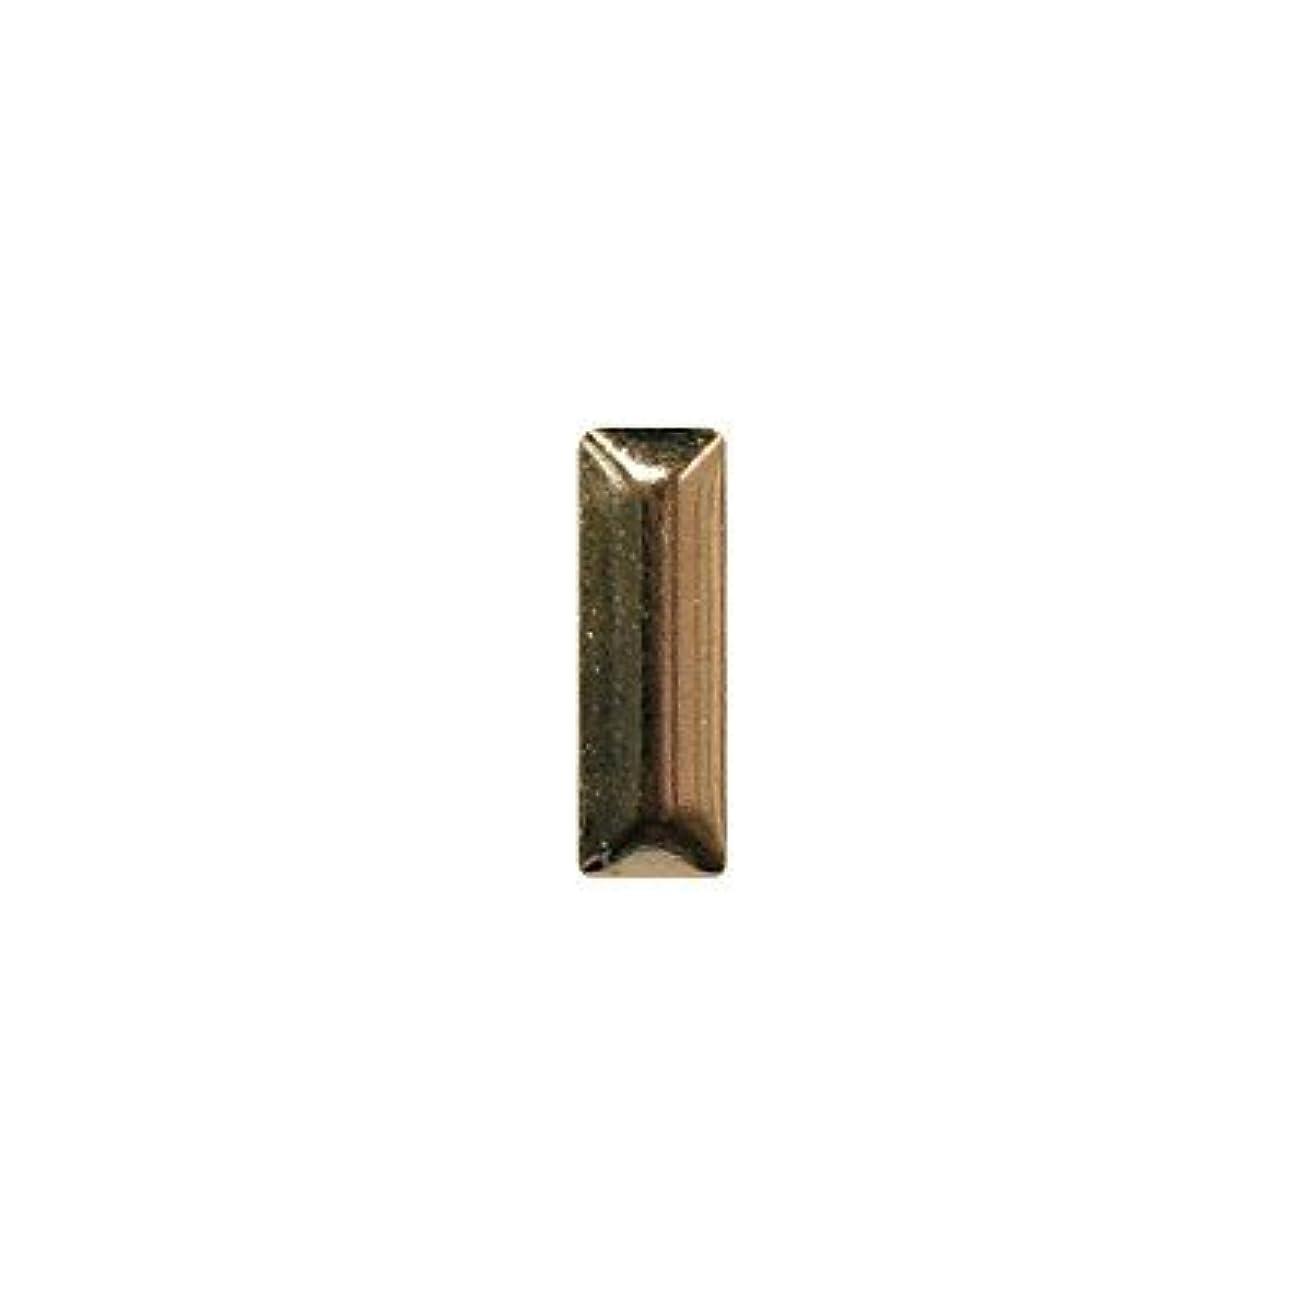 解明するする必要があるフィルタピアドラ スタッズ メタル長方形 2×6mm 50P ゴールド